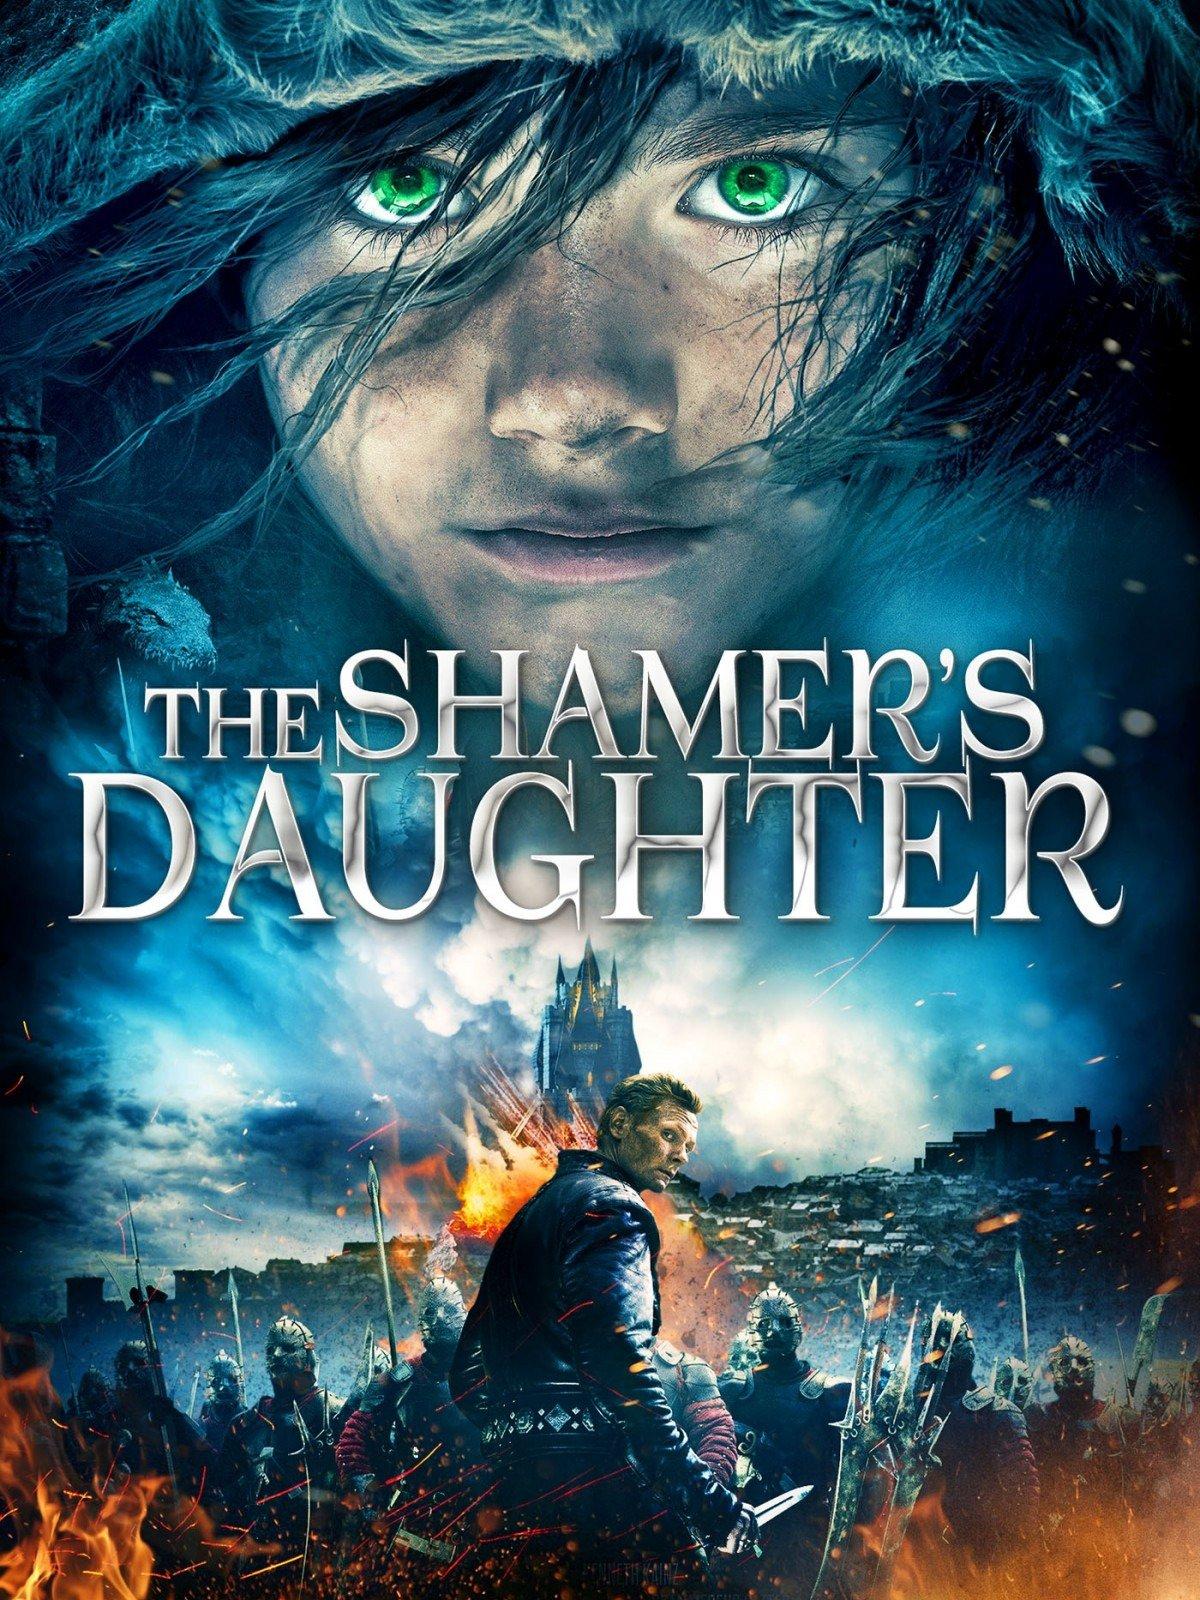 The Shamer's Daughter